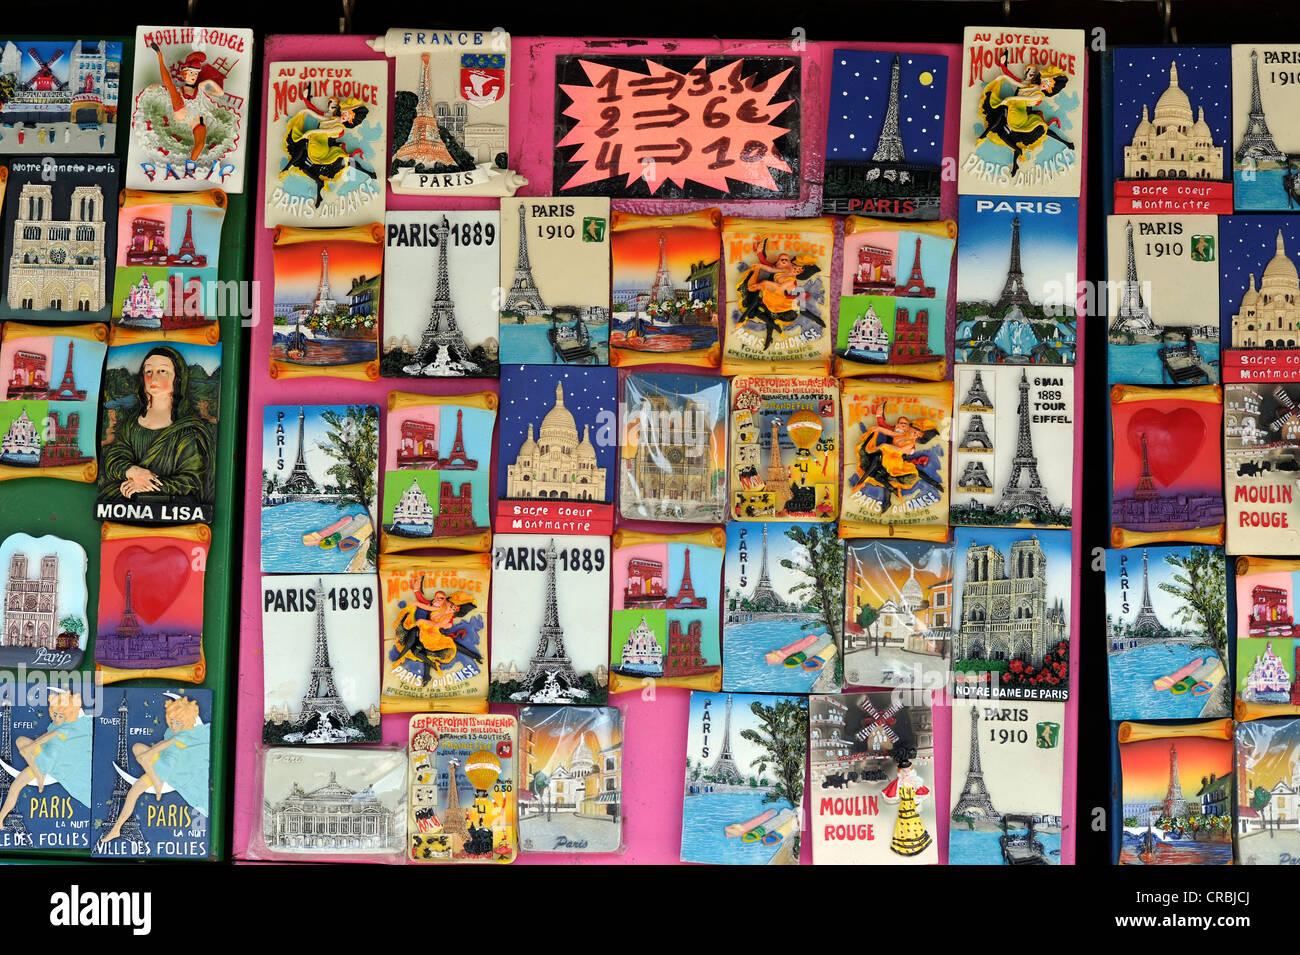 Bookseller and souvenir stand at the bank of the Seine, Ile de la Cité, Paris, France, Europe - Stock Image